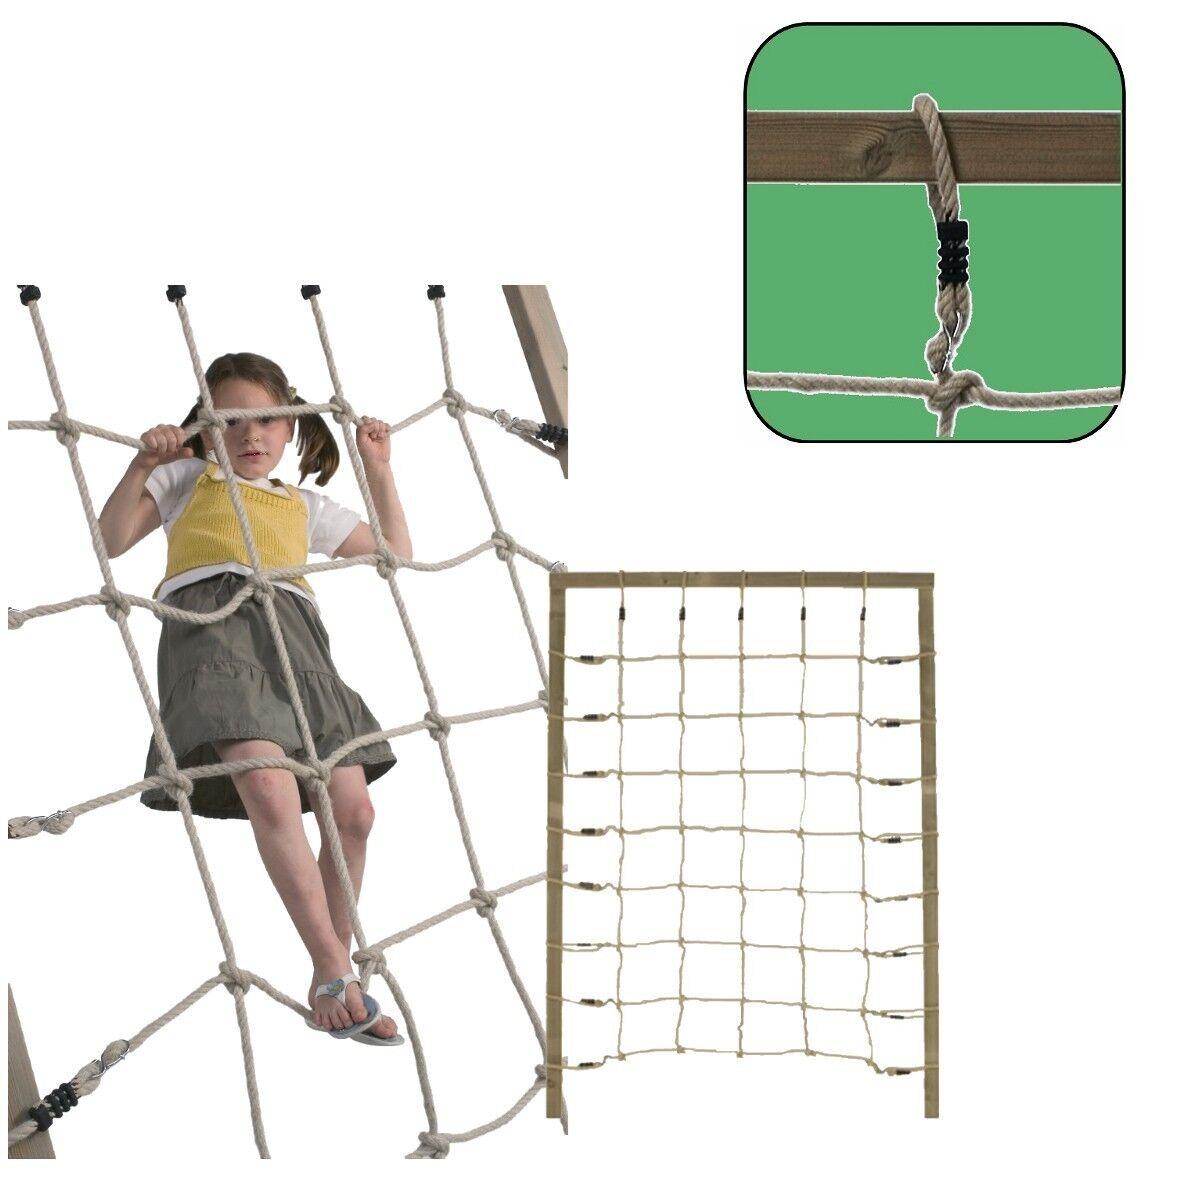 Kletternetz PP 200 150cm Netz Strickleiter Spielturm Zubehör Kletterutensilien